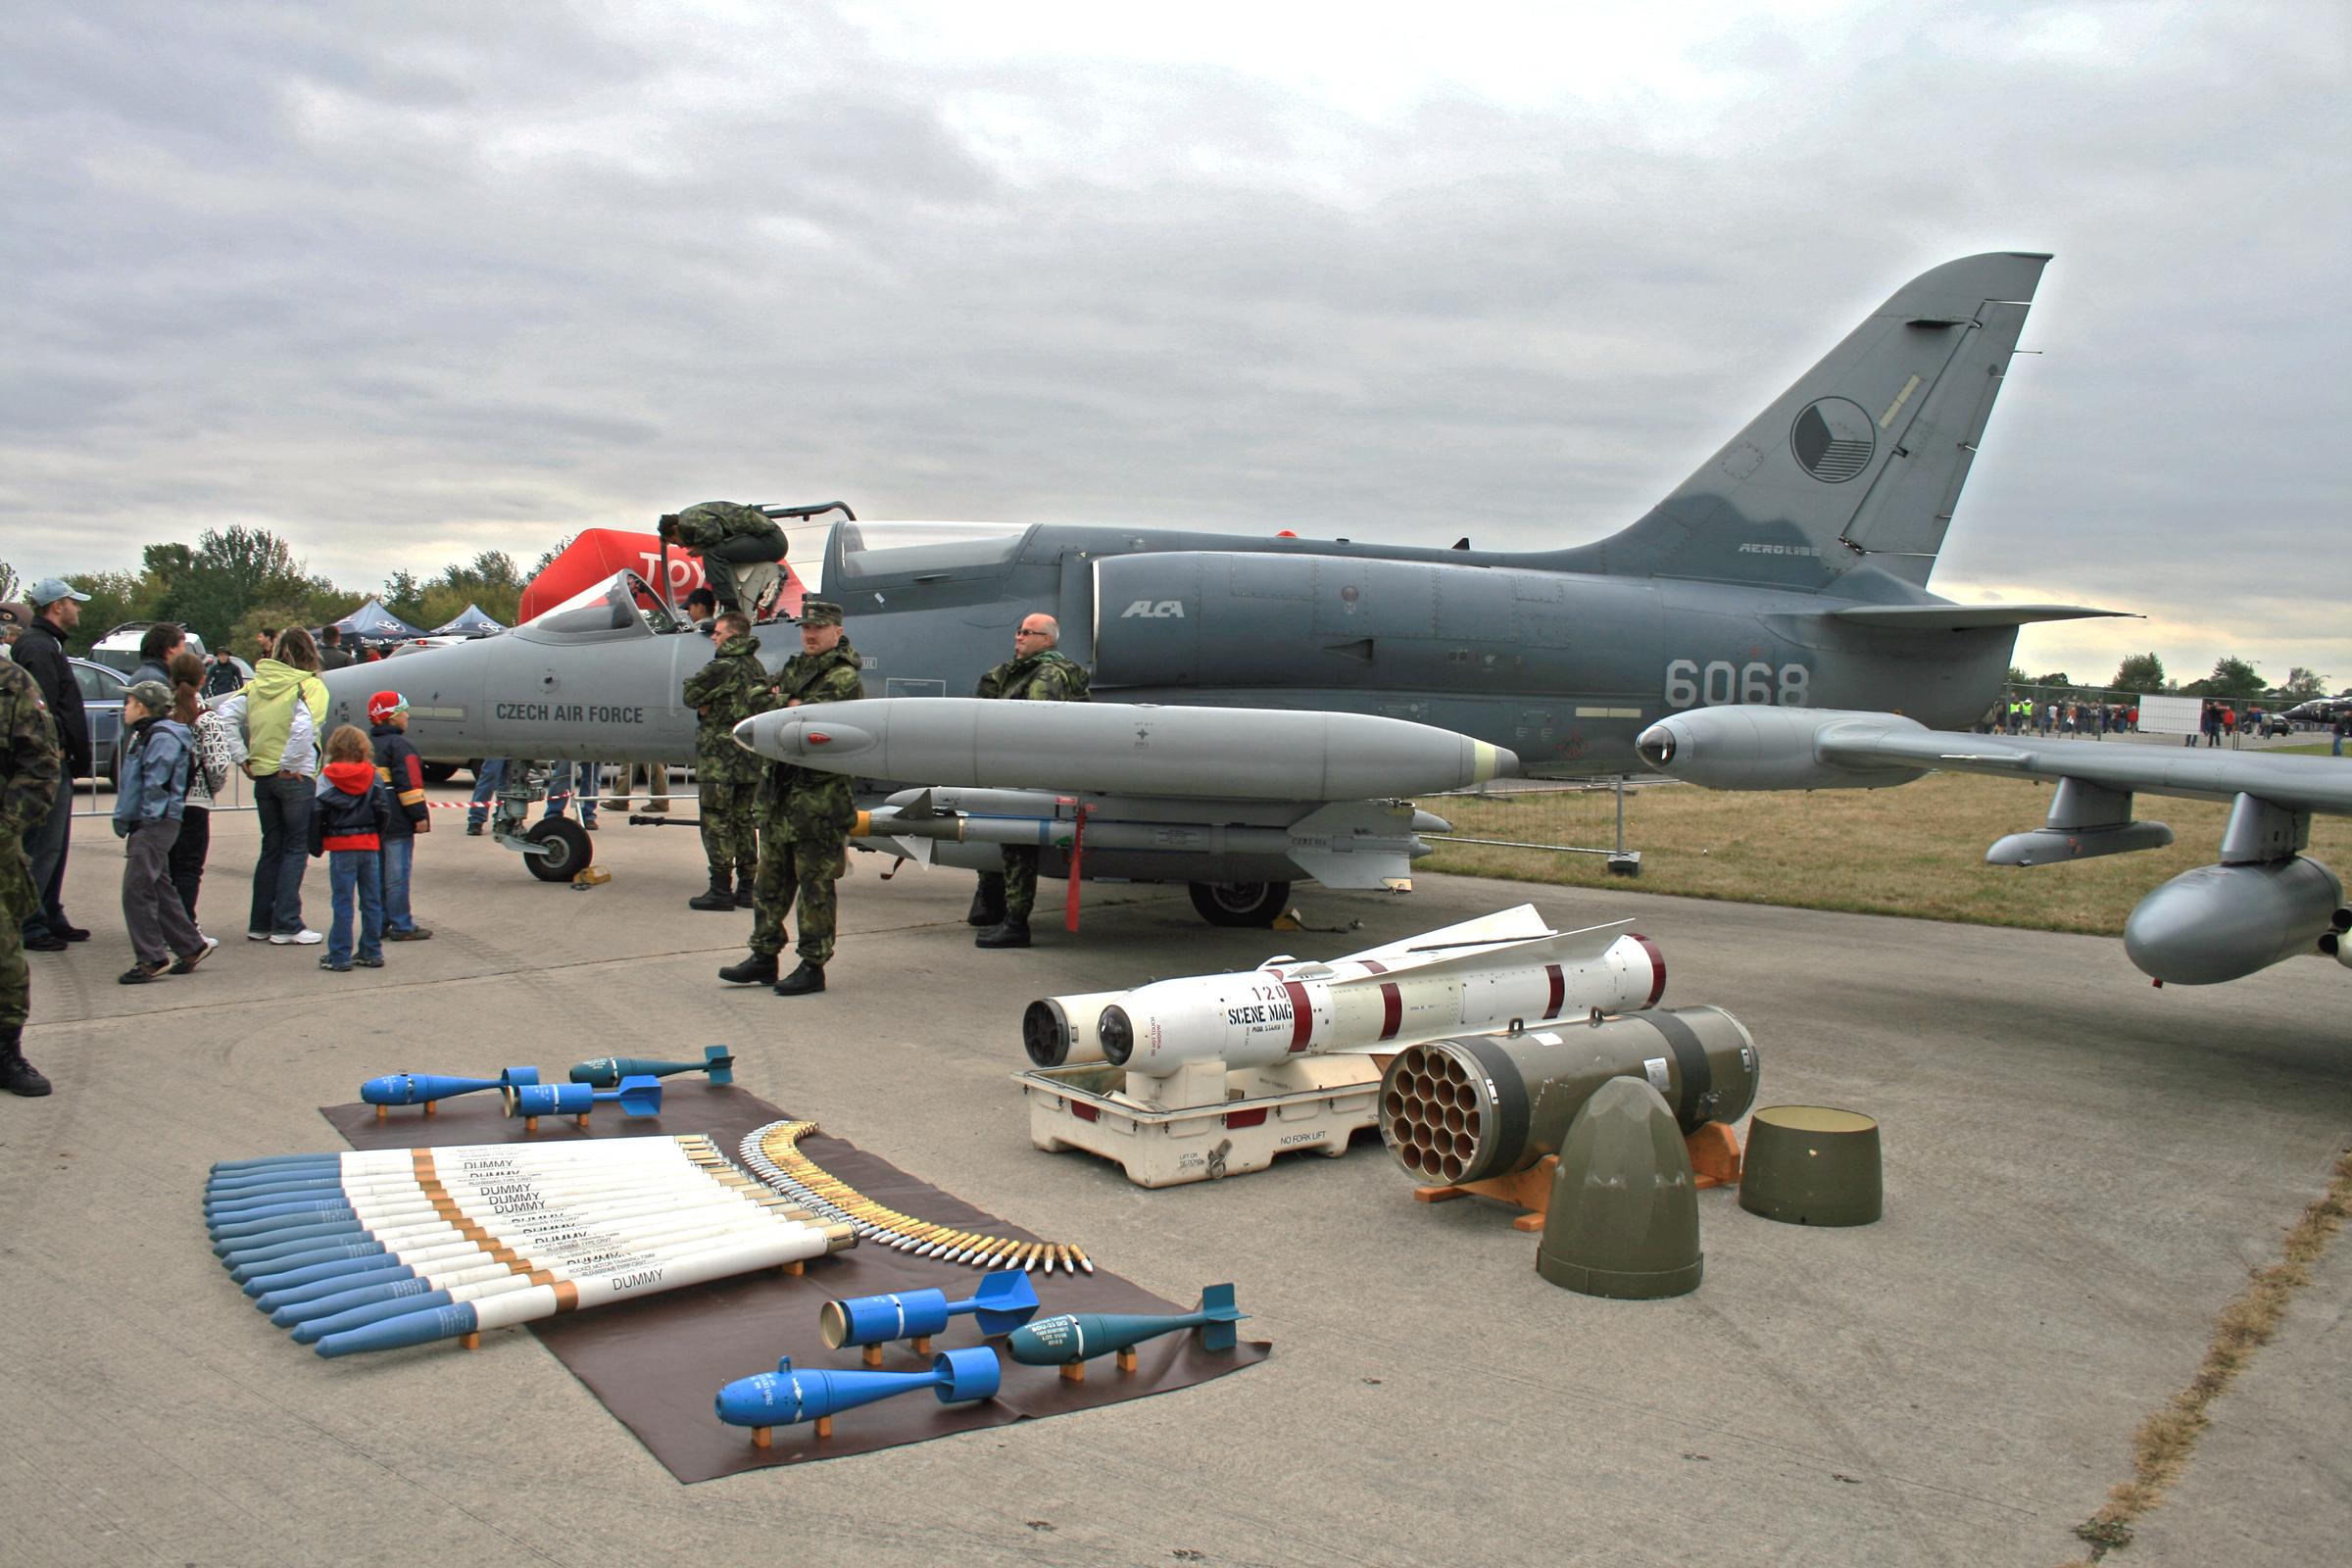 بوليفا تنوي شراء 20 مقاتلة حربية لمحاربة المخدرات CIAF_2009_Alca_L-159_1